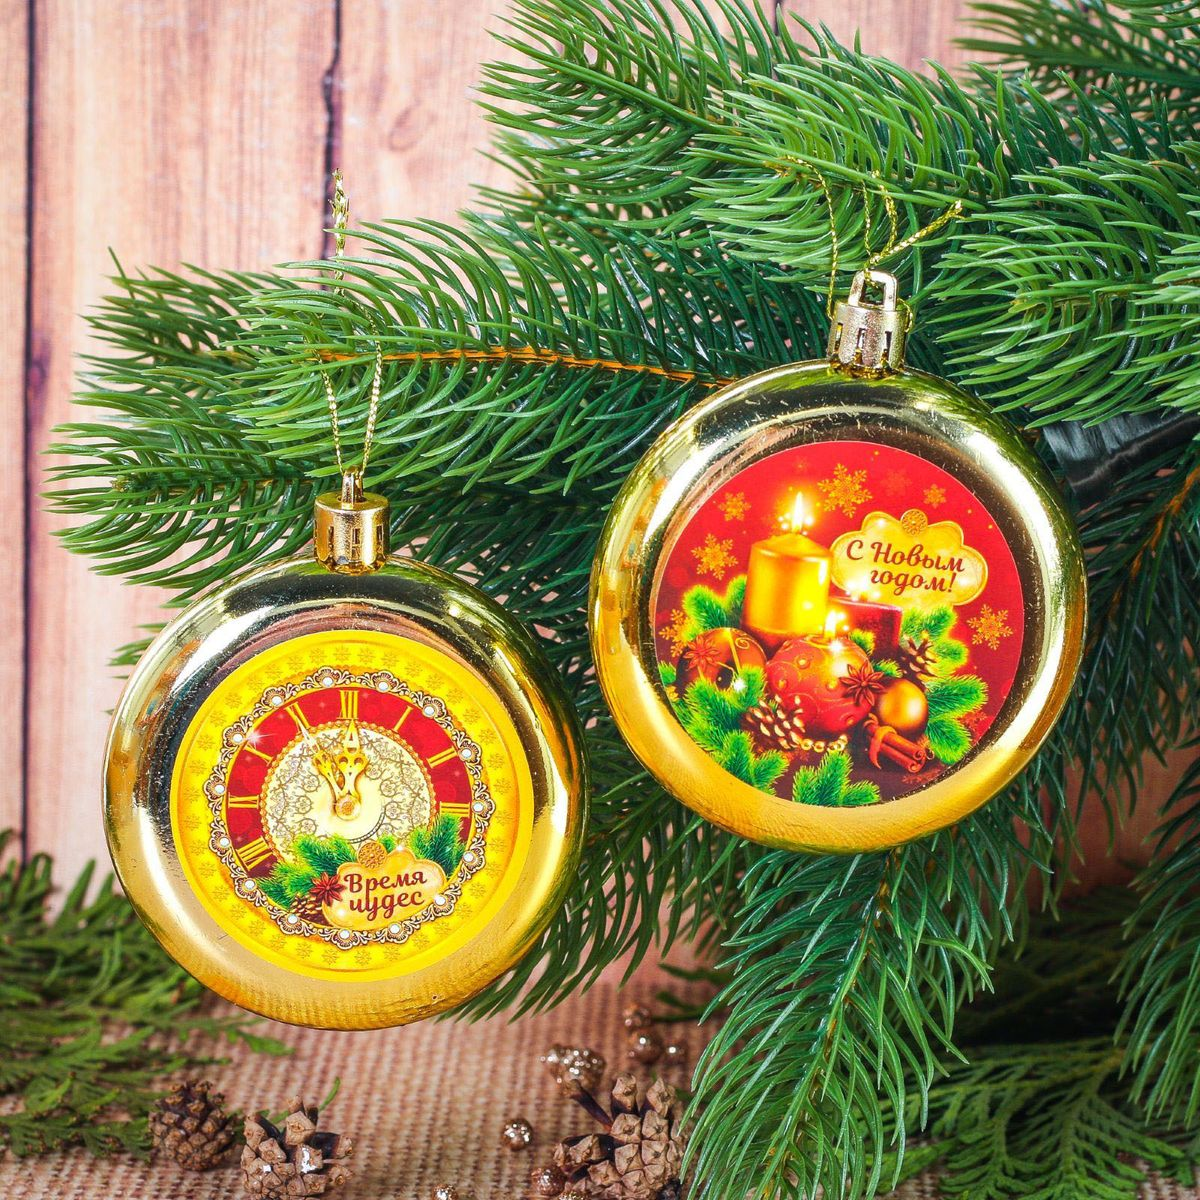 Новогоднее подвесное украшение Sima-land Время чудес, 2 шт. 23937762393776Новогоднее украшение Sima-land отлично подойдет для декорации вашего дома и новогодней ели. Украшение оснащено специальной петелькой для подвешивания. Елочная игрушка - символ Нового года. Она несет в себе волшебство и красоту праздника. Такое украшение создаст в вашем доме атмосферу праздника, веселья и радости.